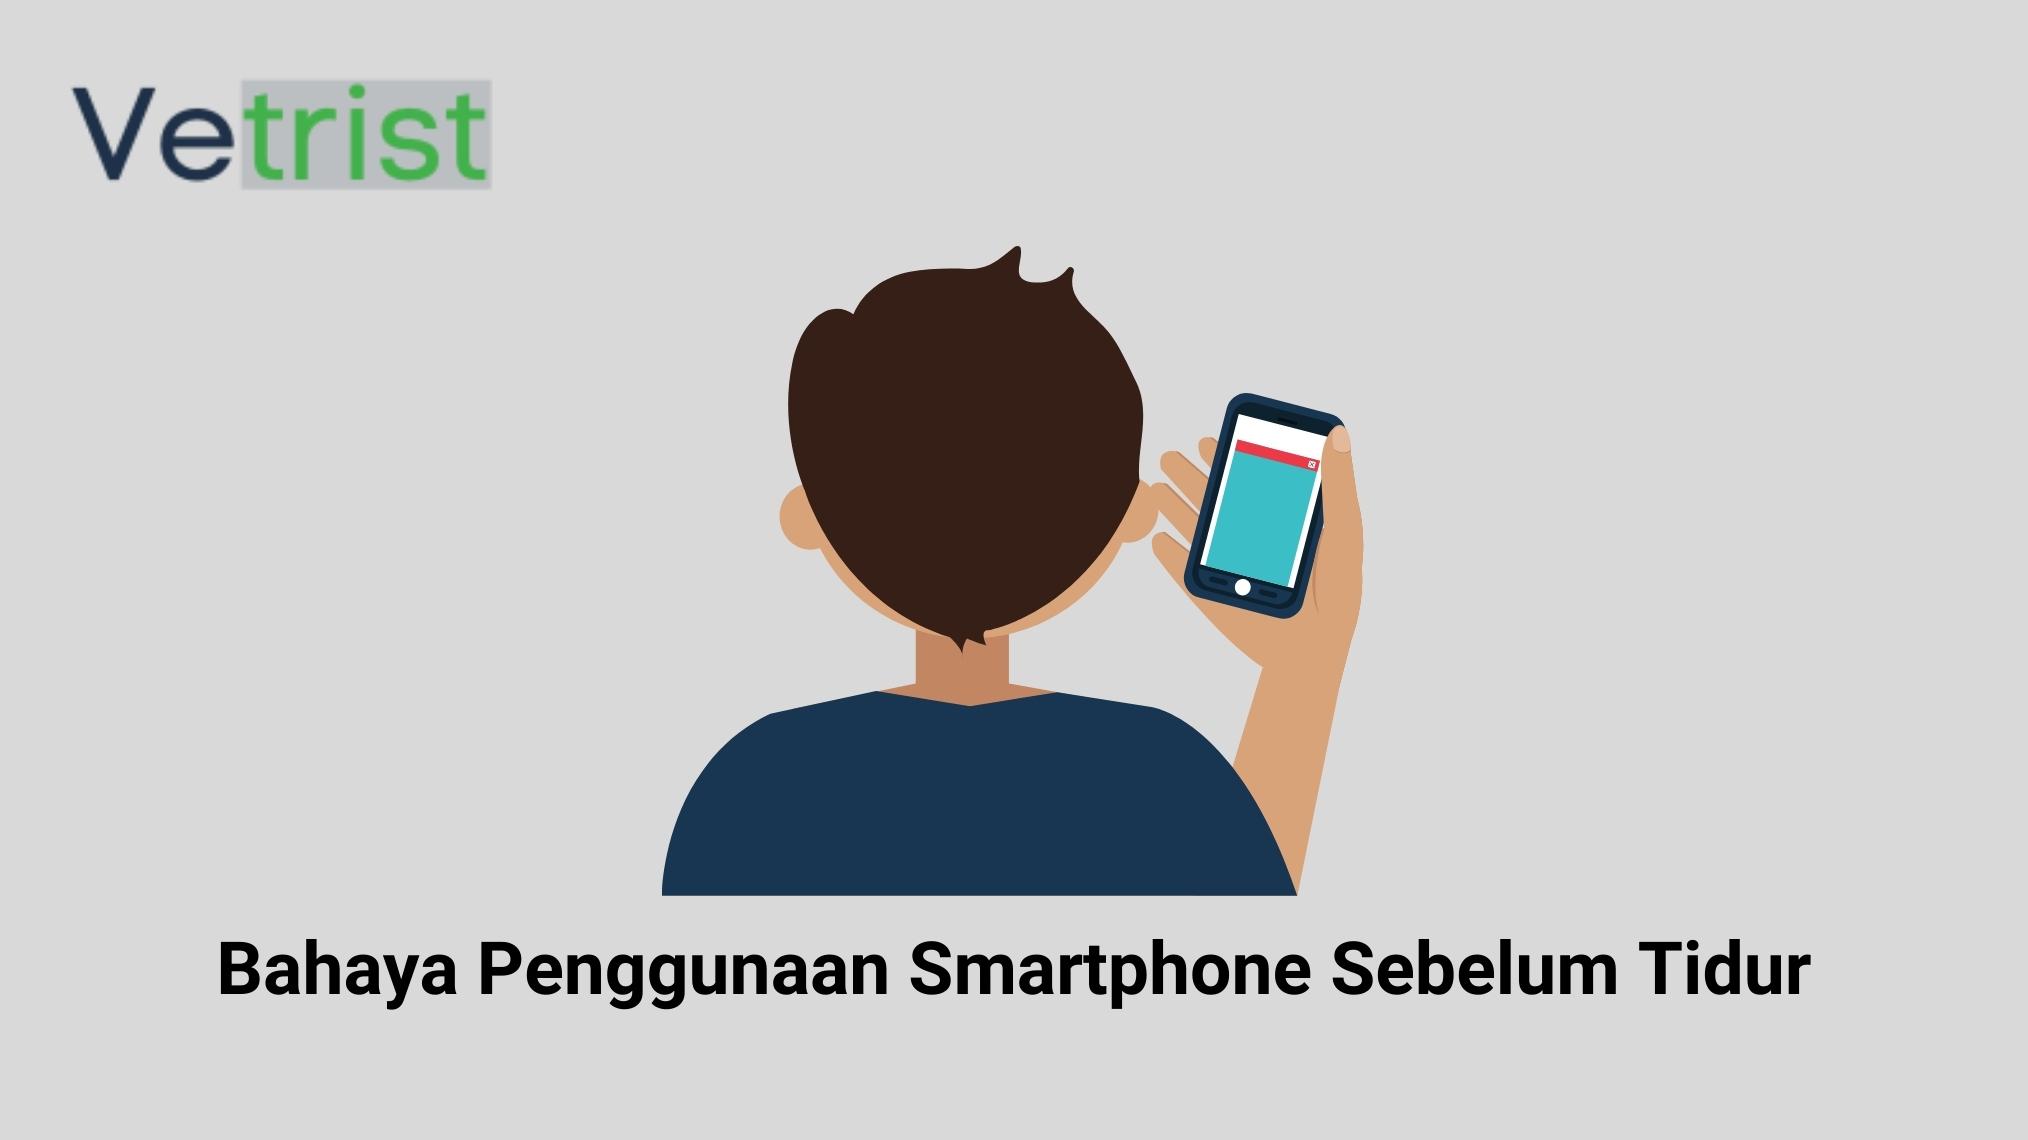 4 Bahaya Penggunaan Smartphone Sebelum Tidur Bagi Kesehatan